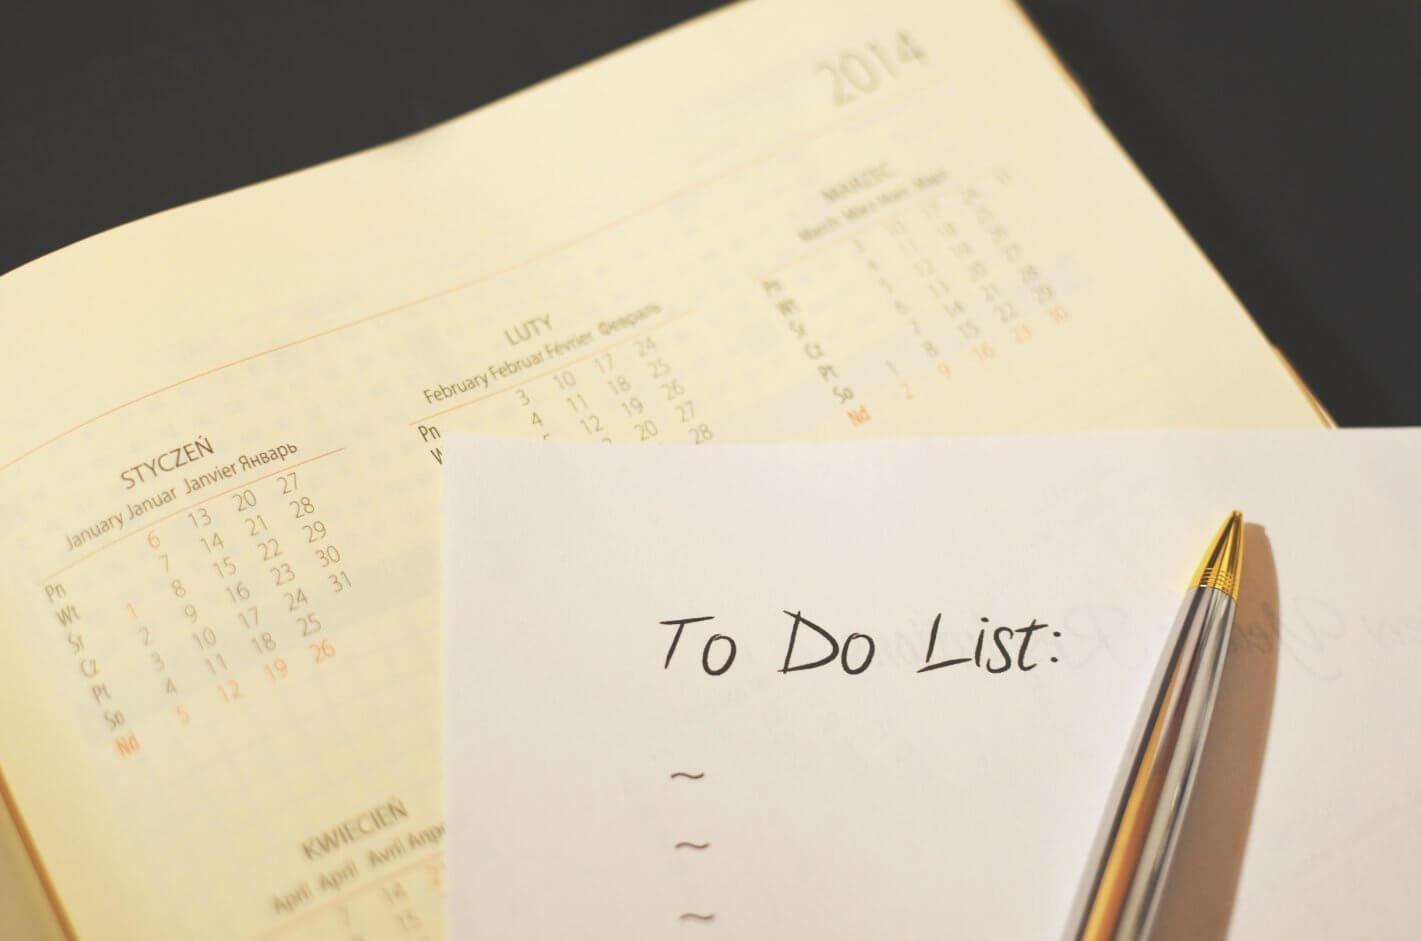 folha de papel escrito to do list sobre um calendário.